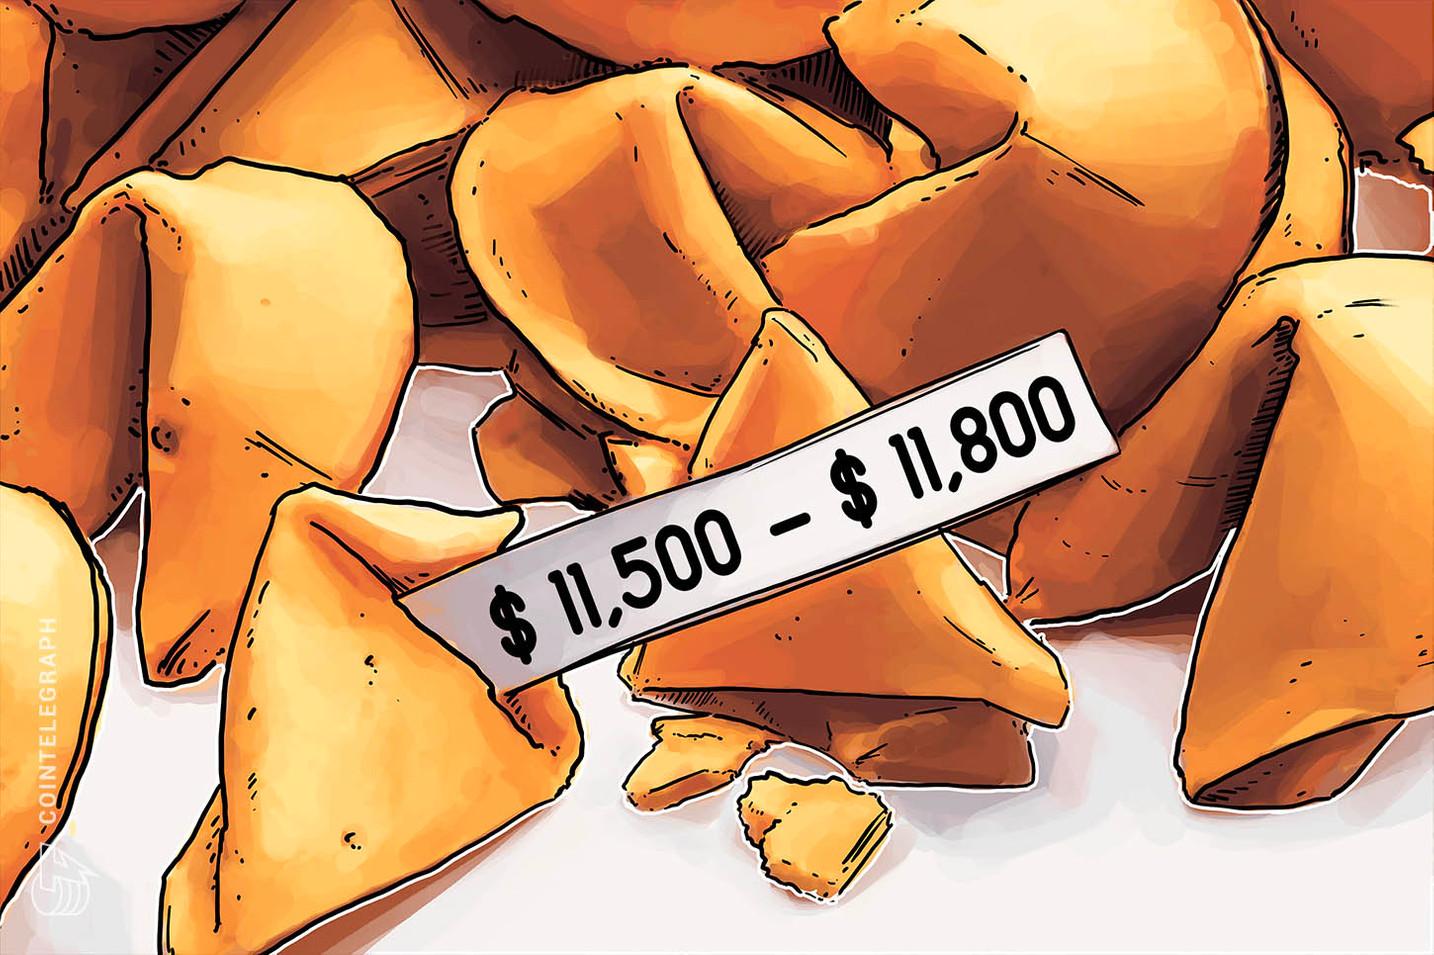 Bitcoin tra 11.500$ e 11.800$, prevede Bill Baruch di Blue Lines Futures